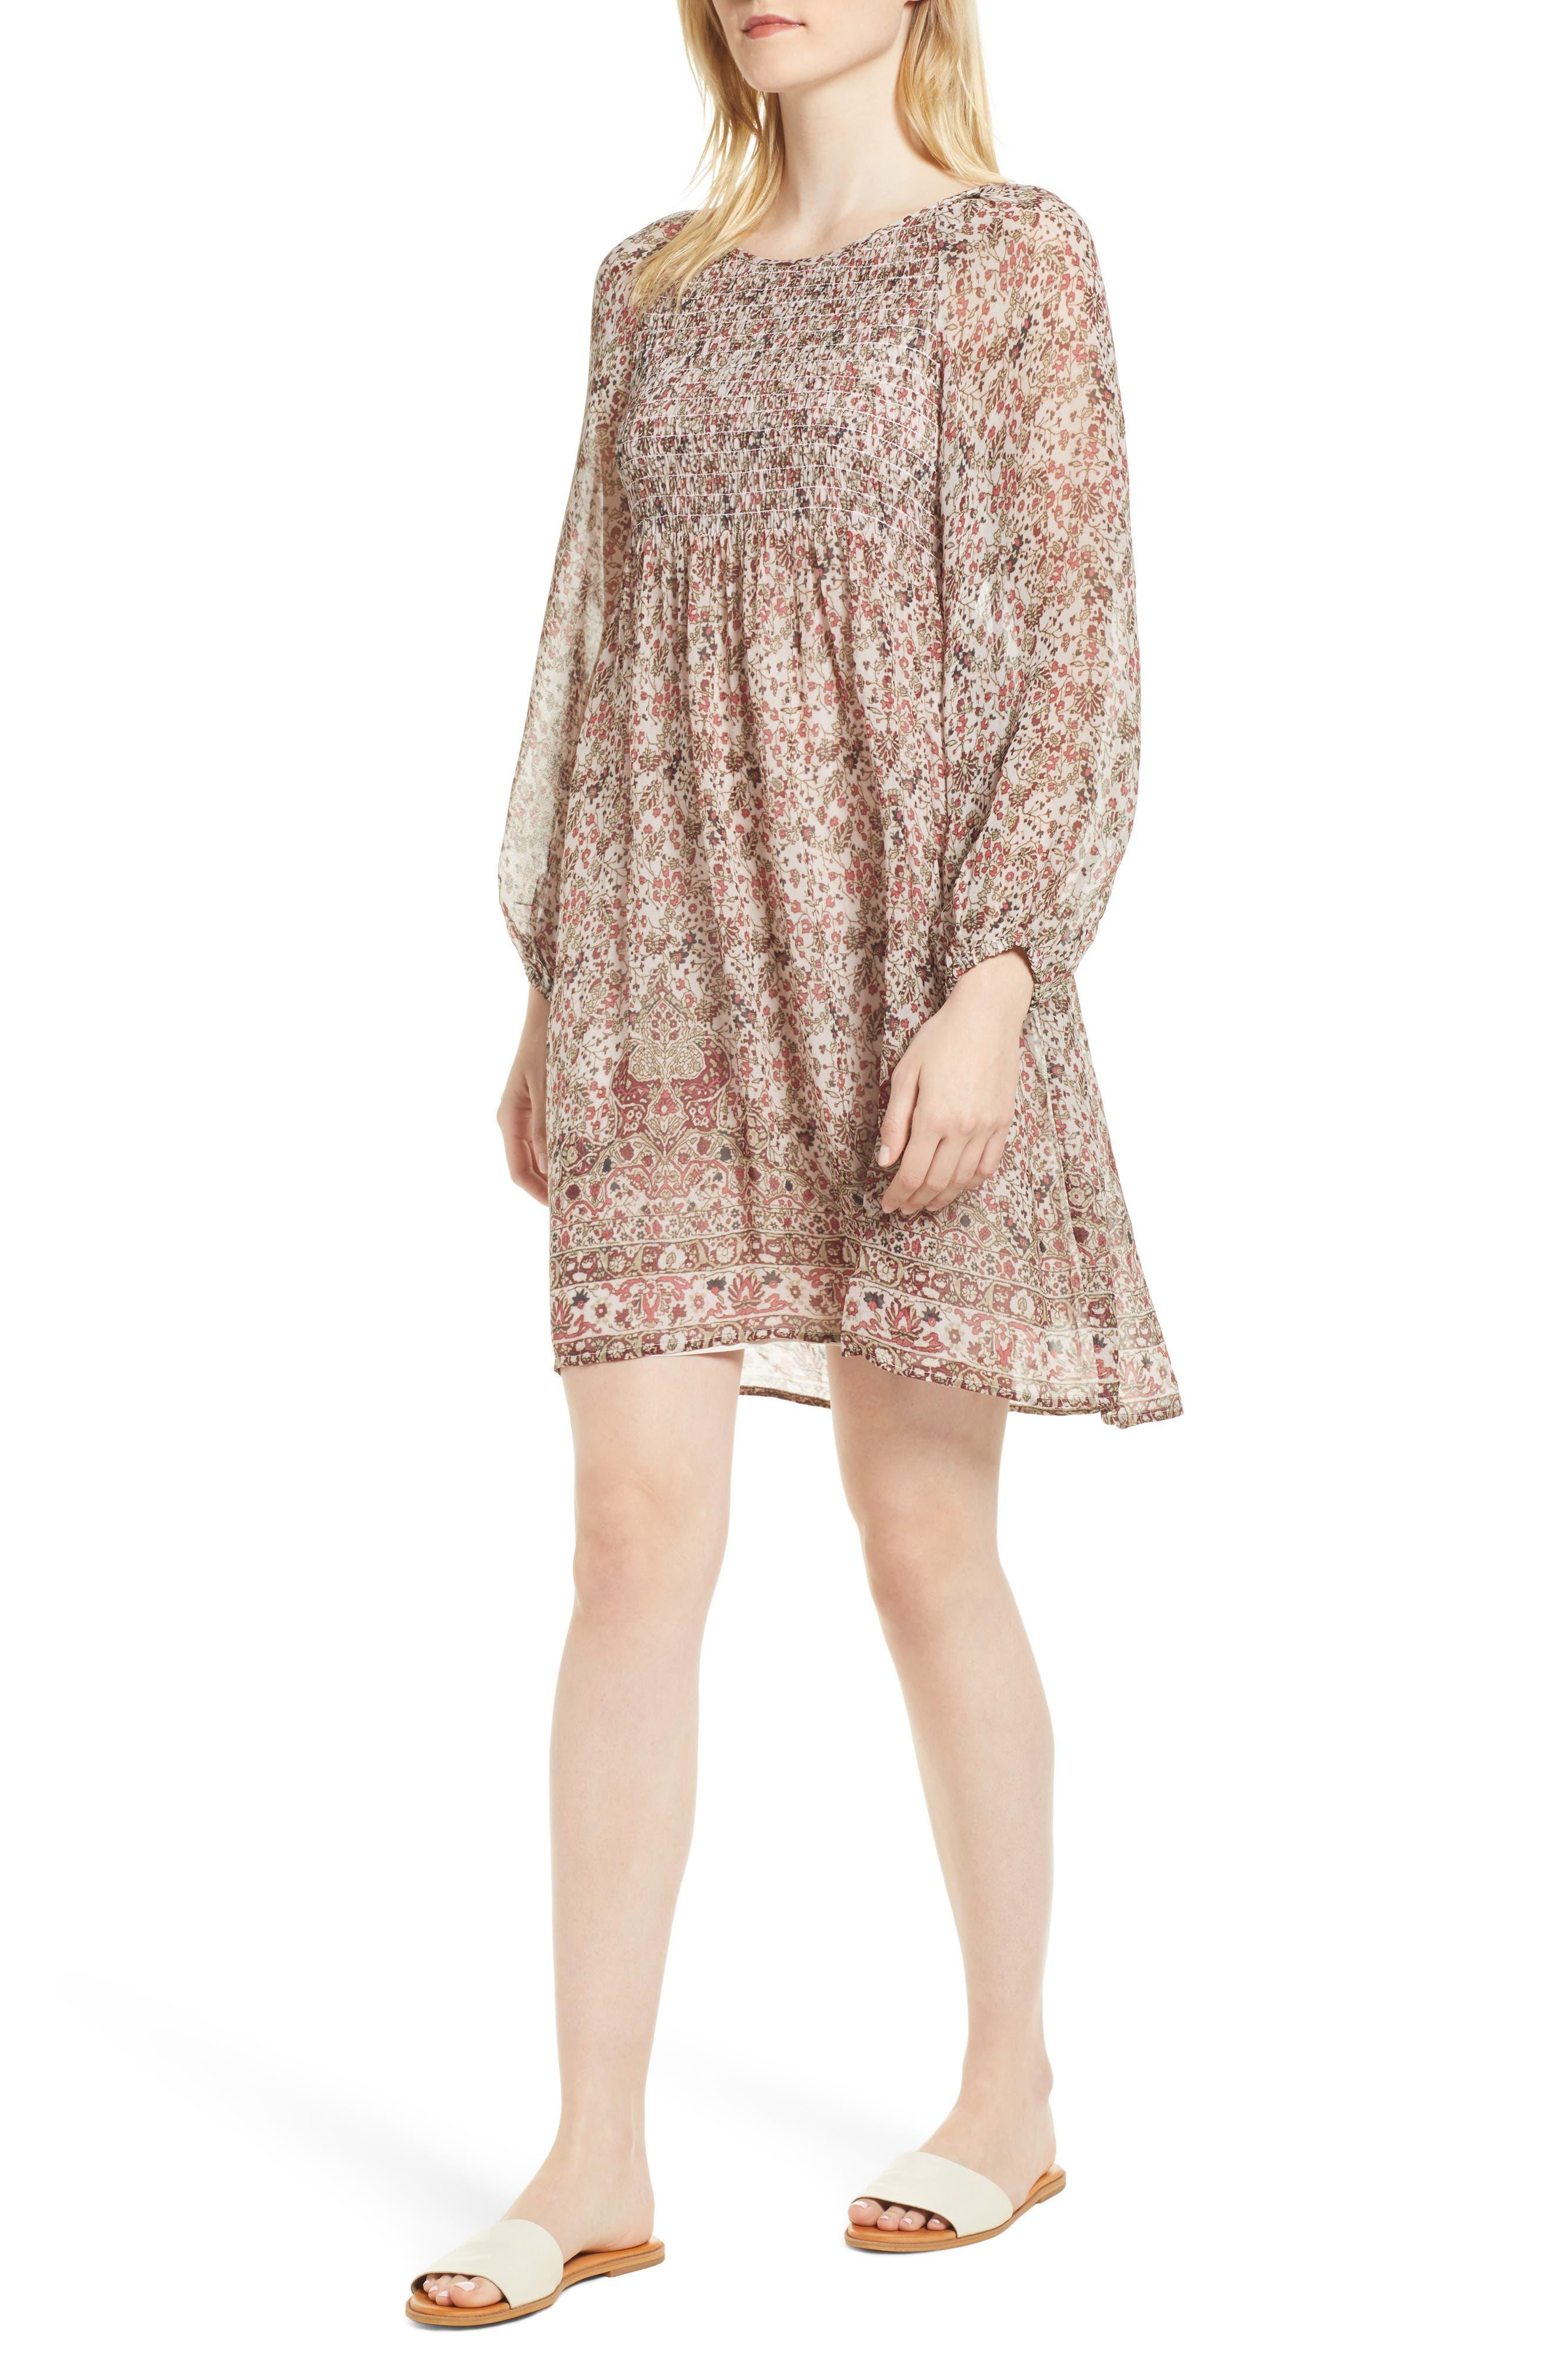 Velvet by Graham & Spencer Sebastian Printed Smocked Dress